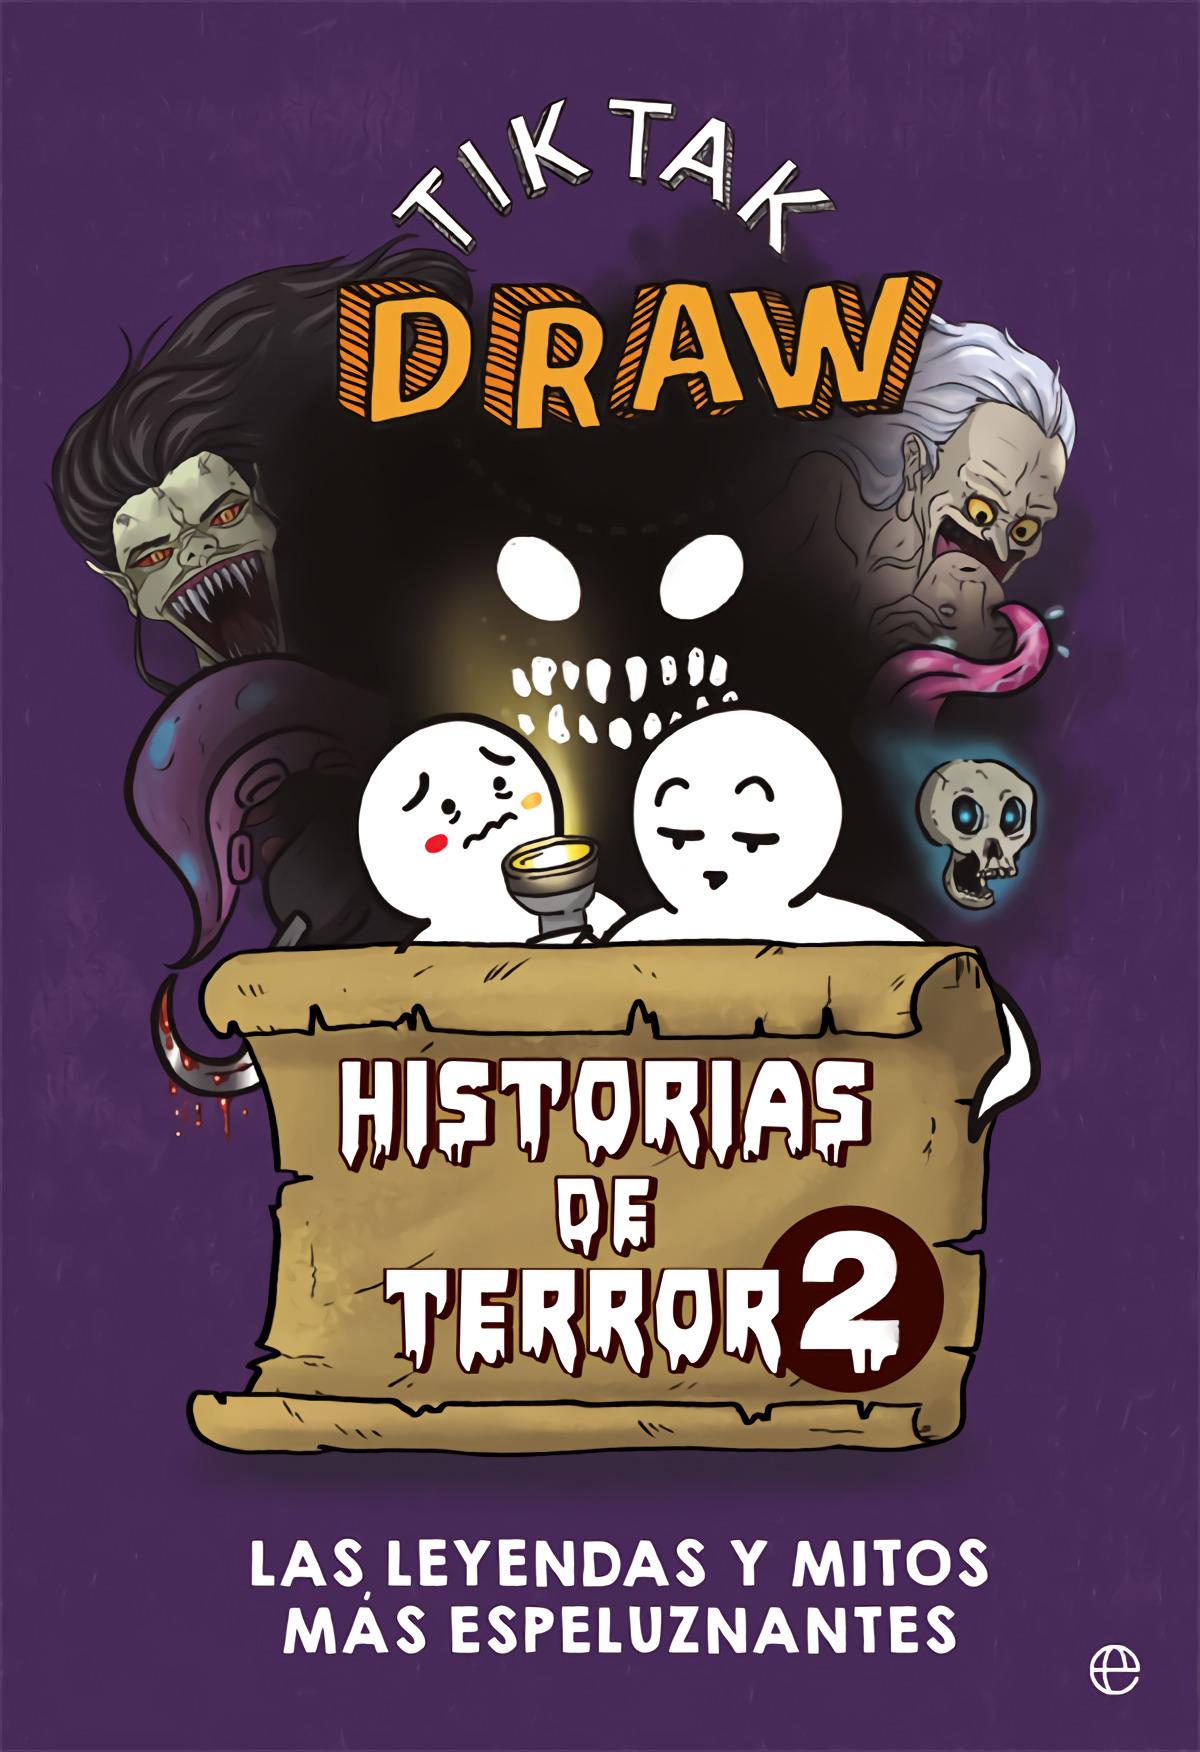 Historias de terror 2